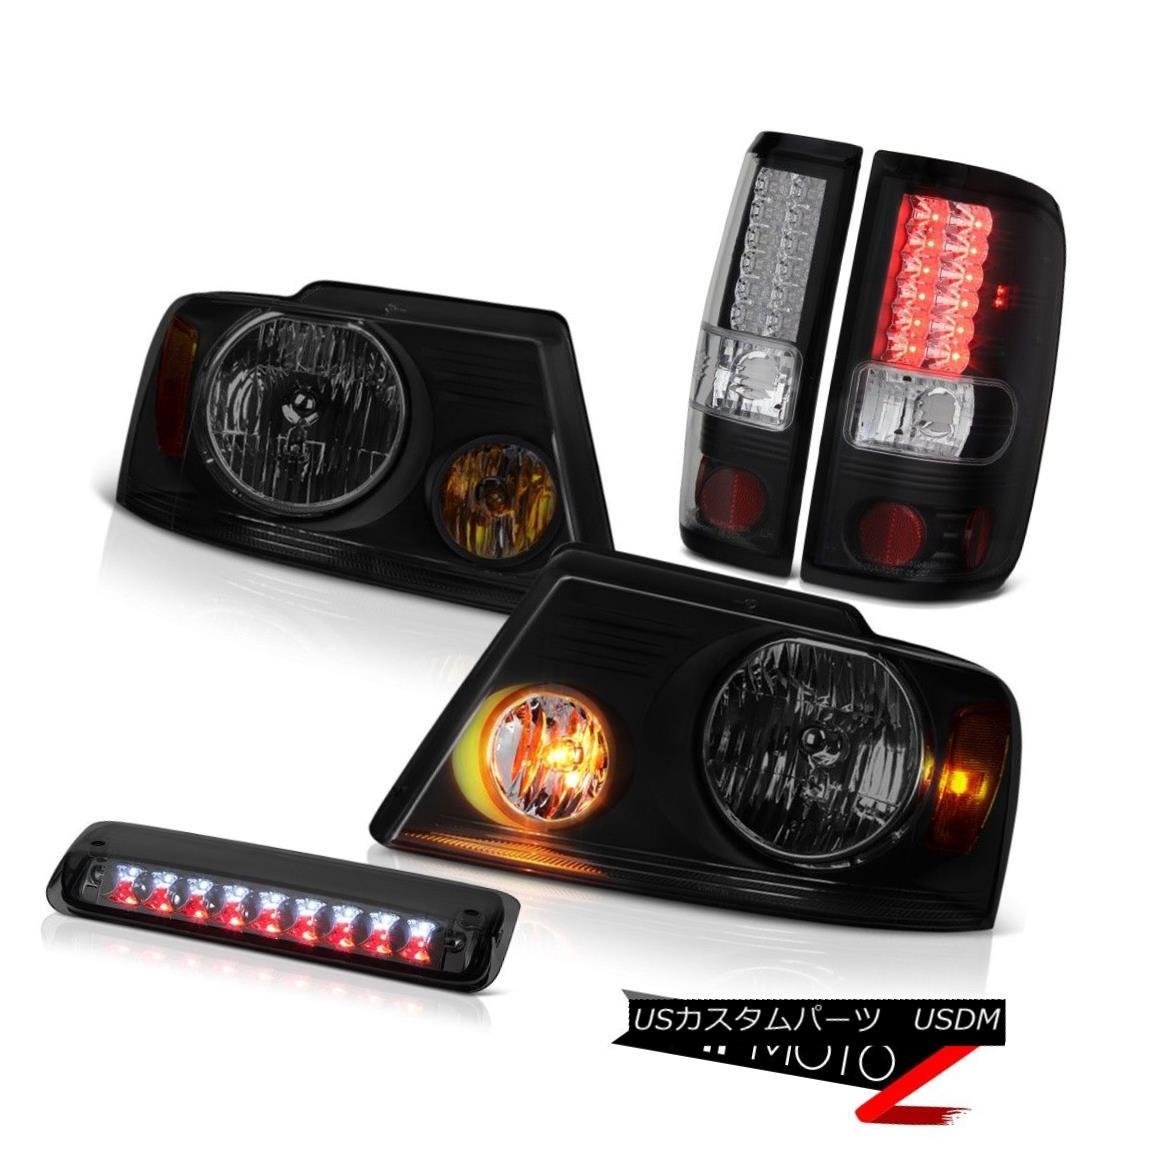 テールライト 04-08 Ford F150 FX4 Headlamps Smoked Roof Brake Lamp Taillights